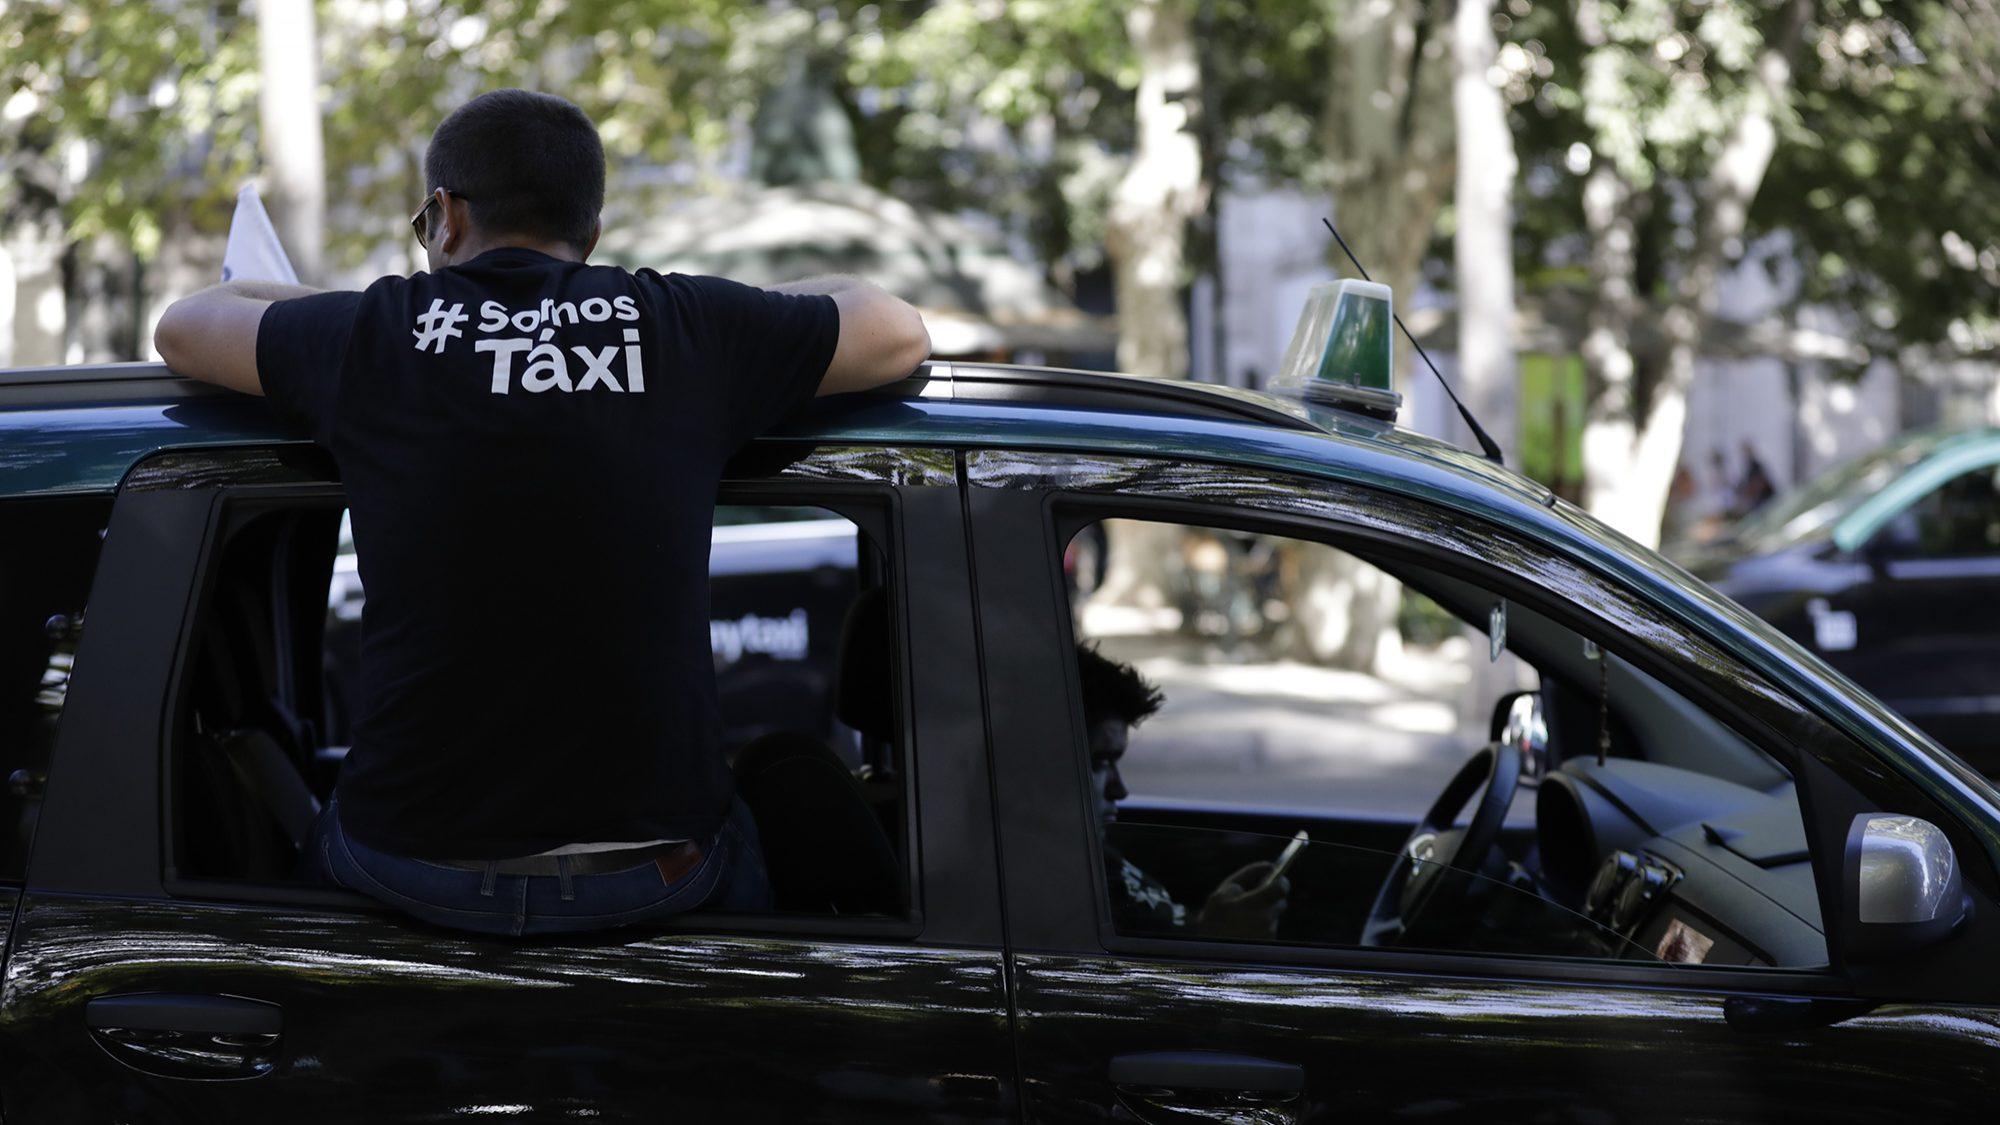 Taxistas continuam paralisação pelo terceiro dia consecutivo